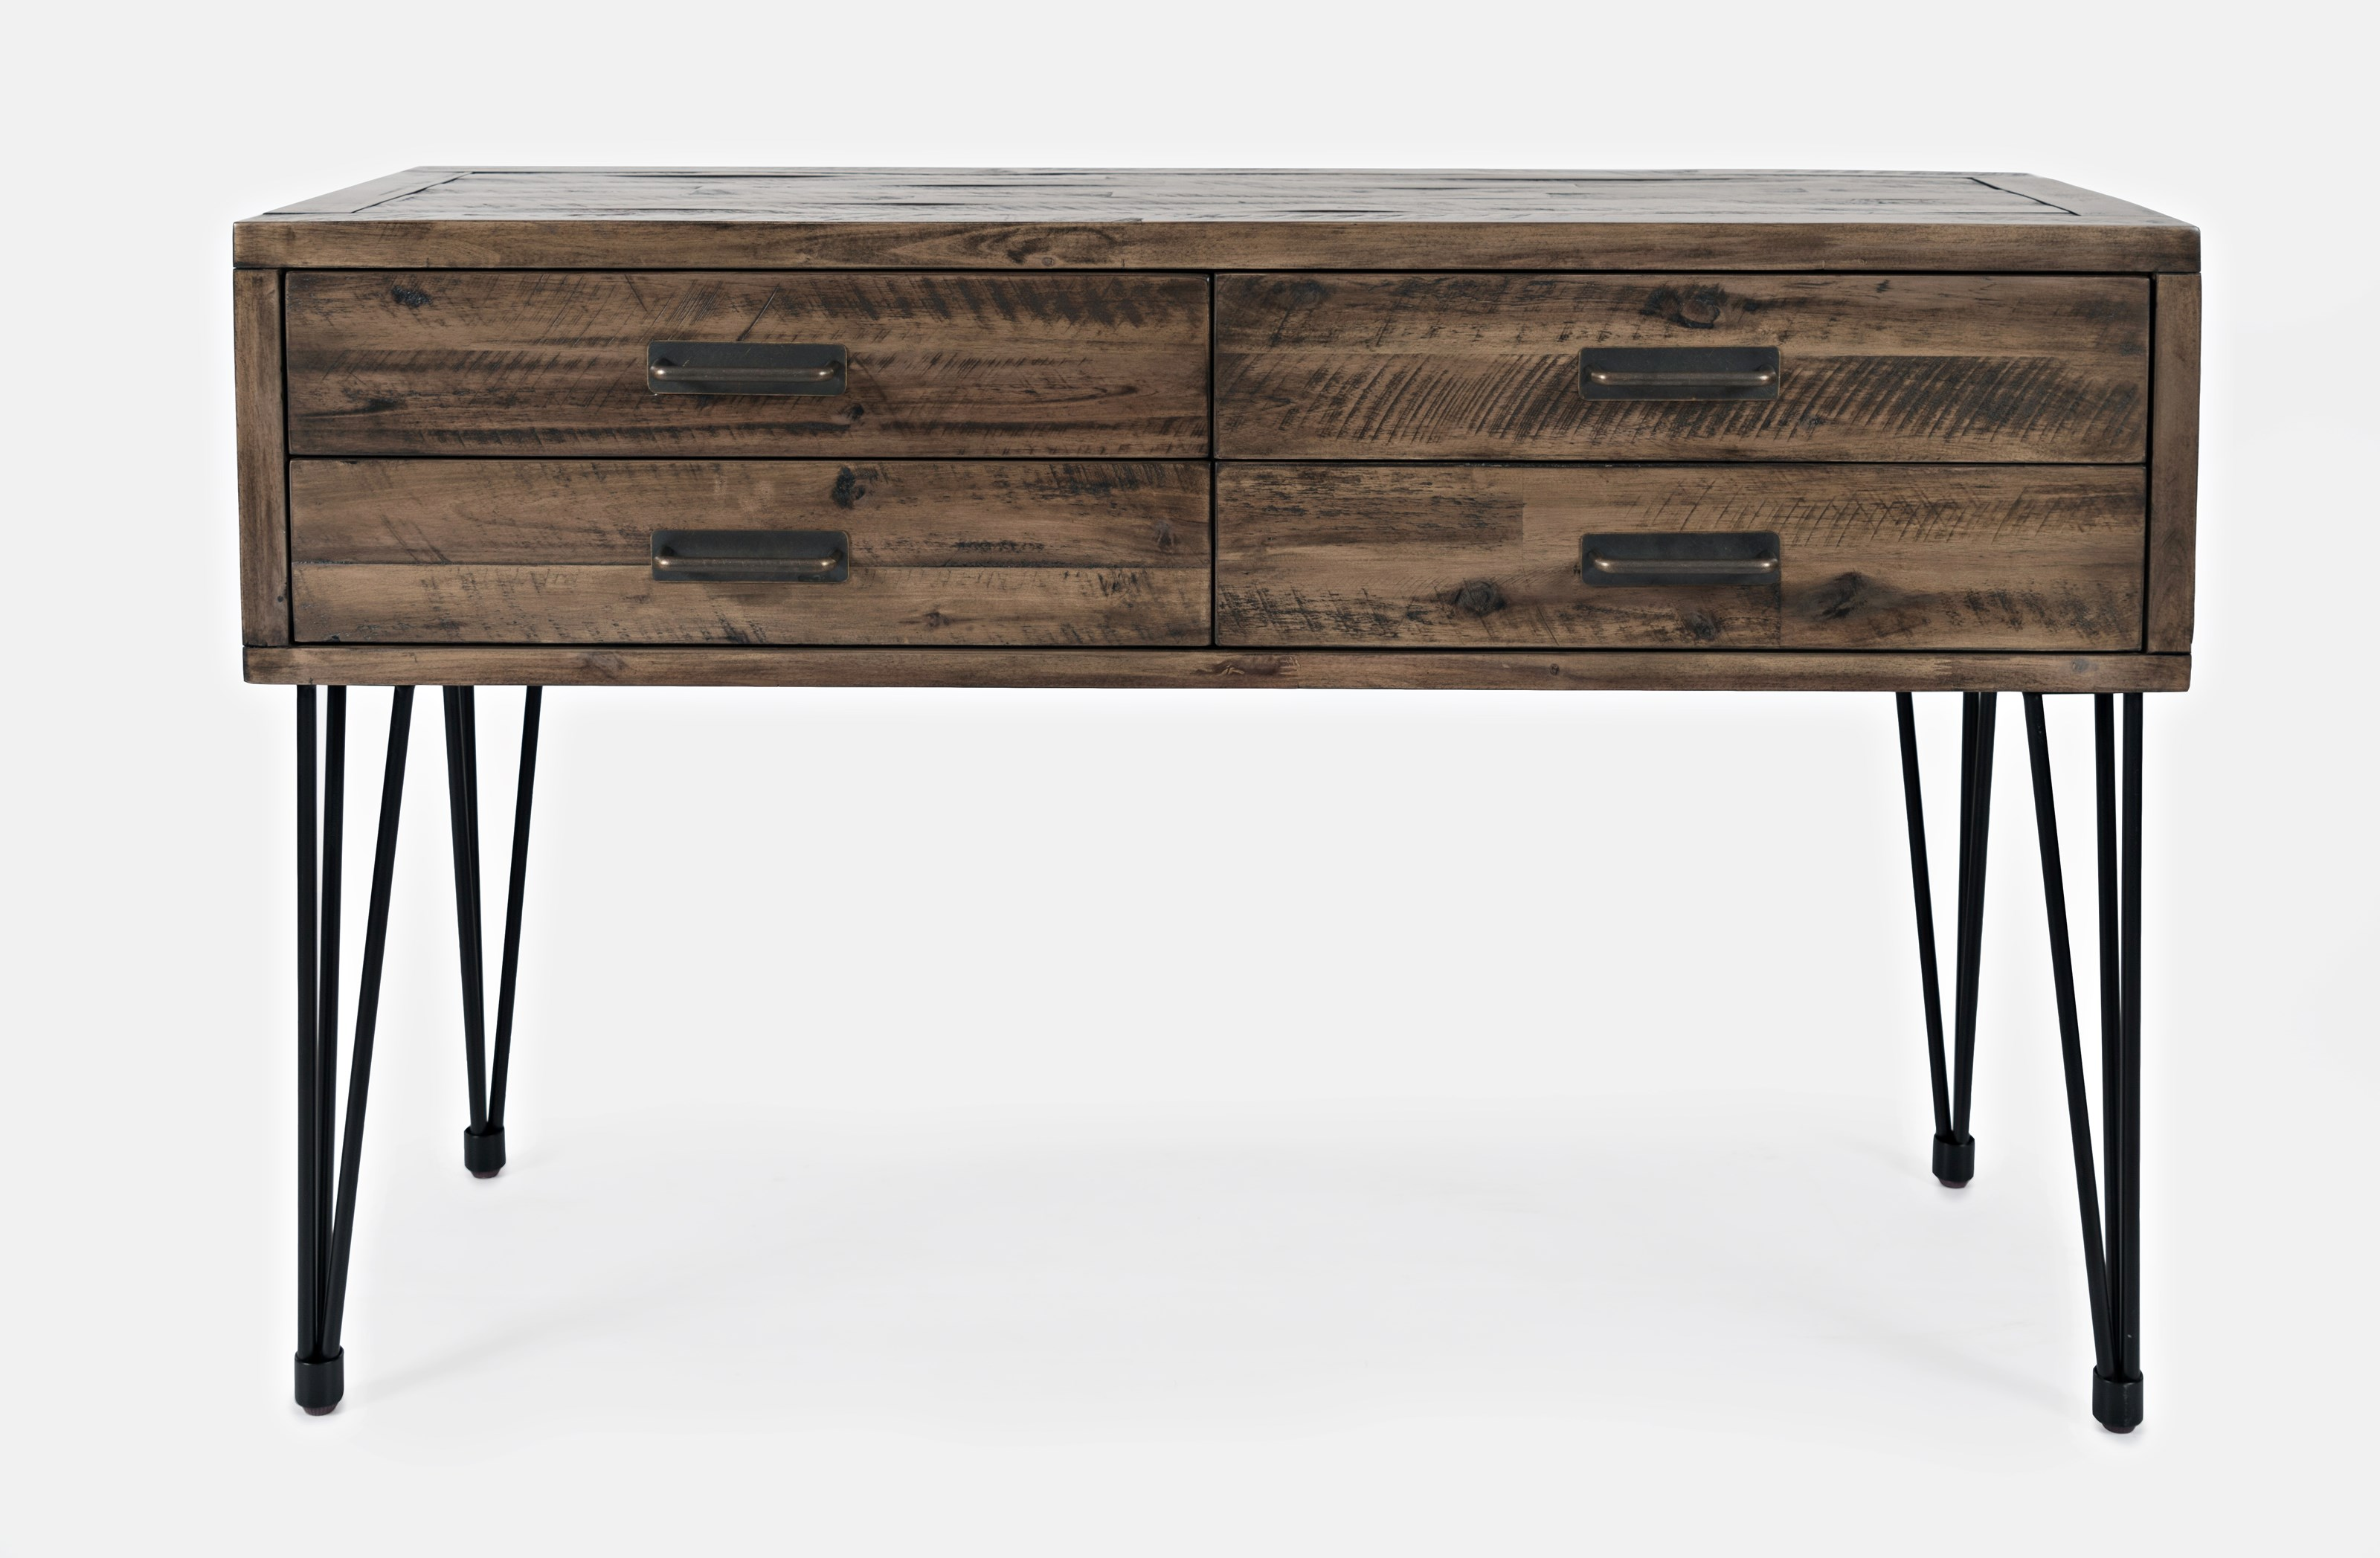 Blackstone Sofa Table by Jofran at Beck's Furniture